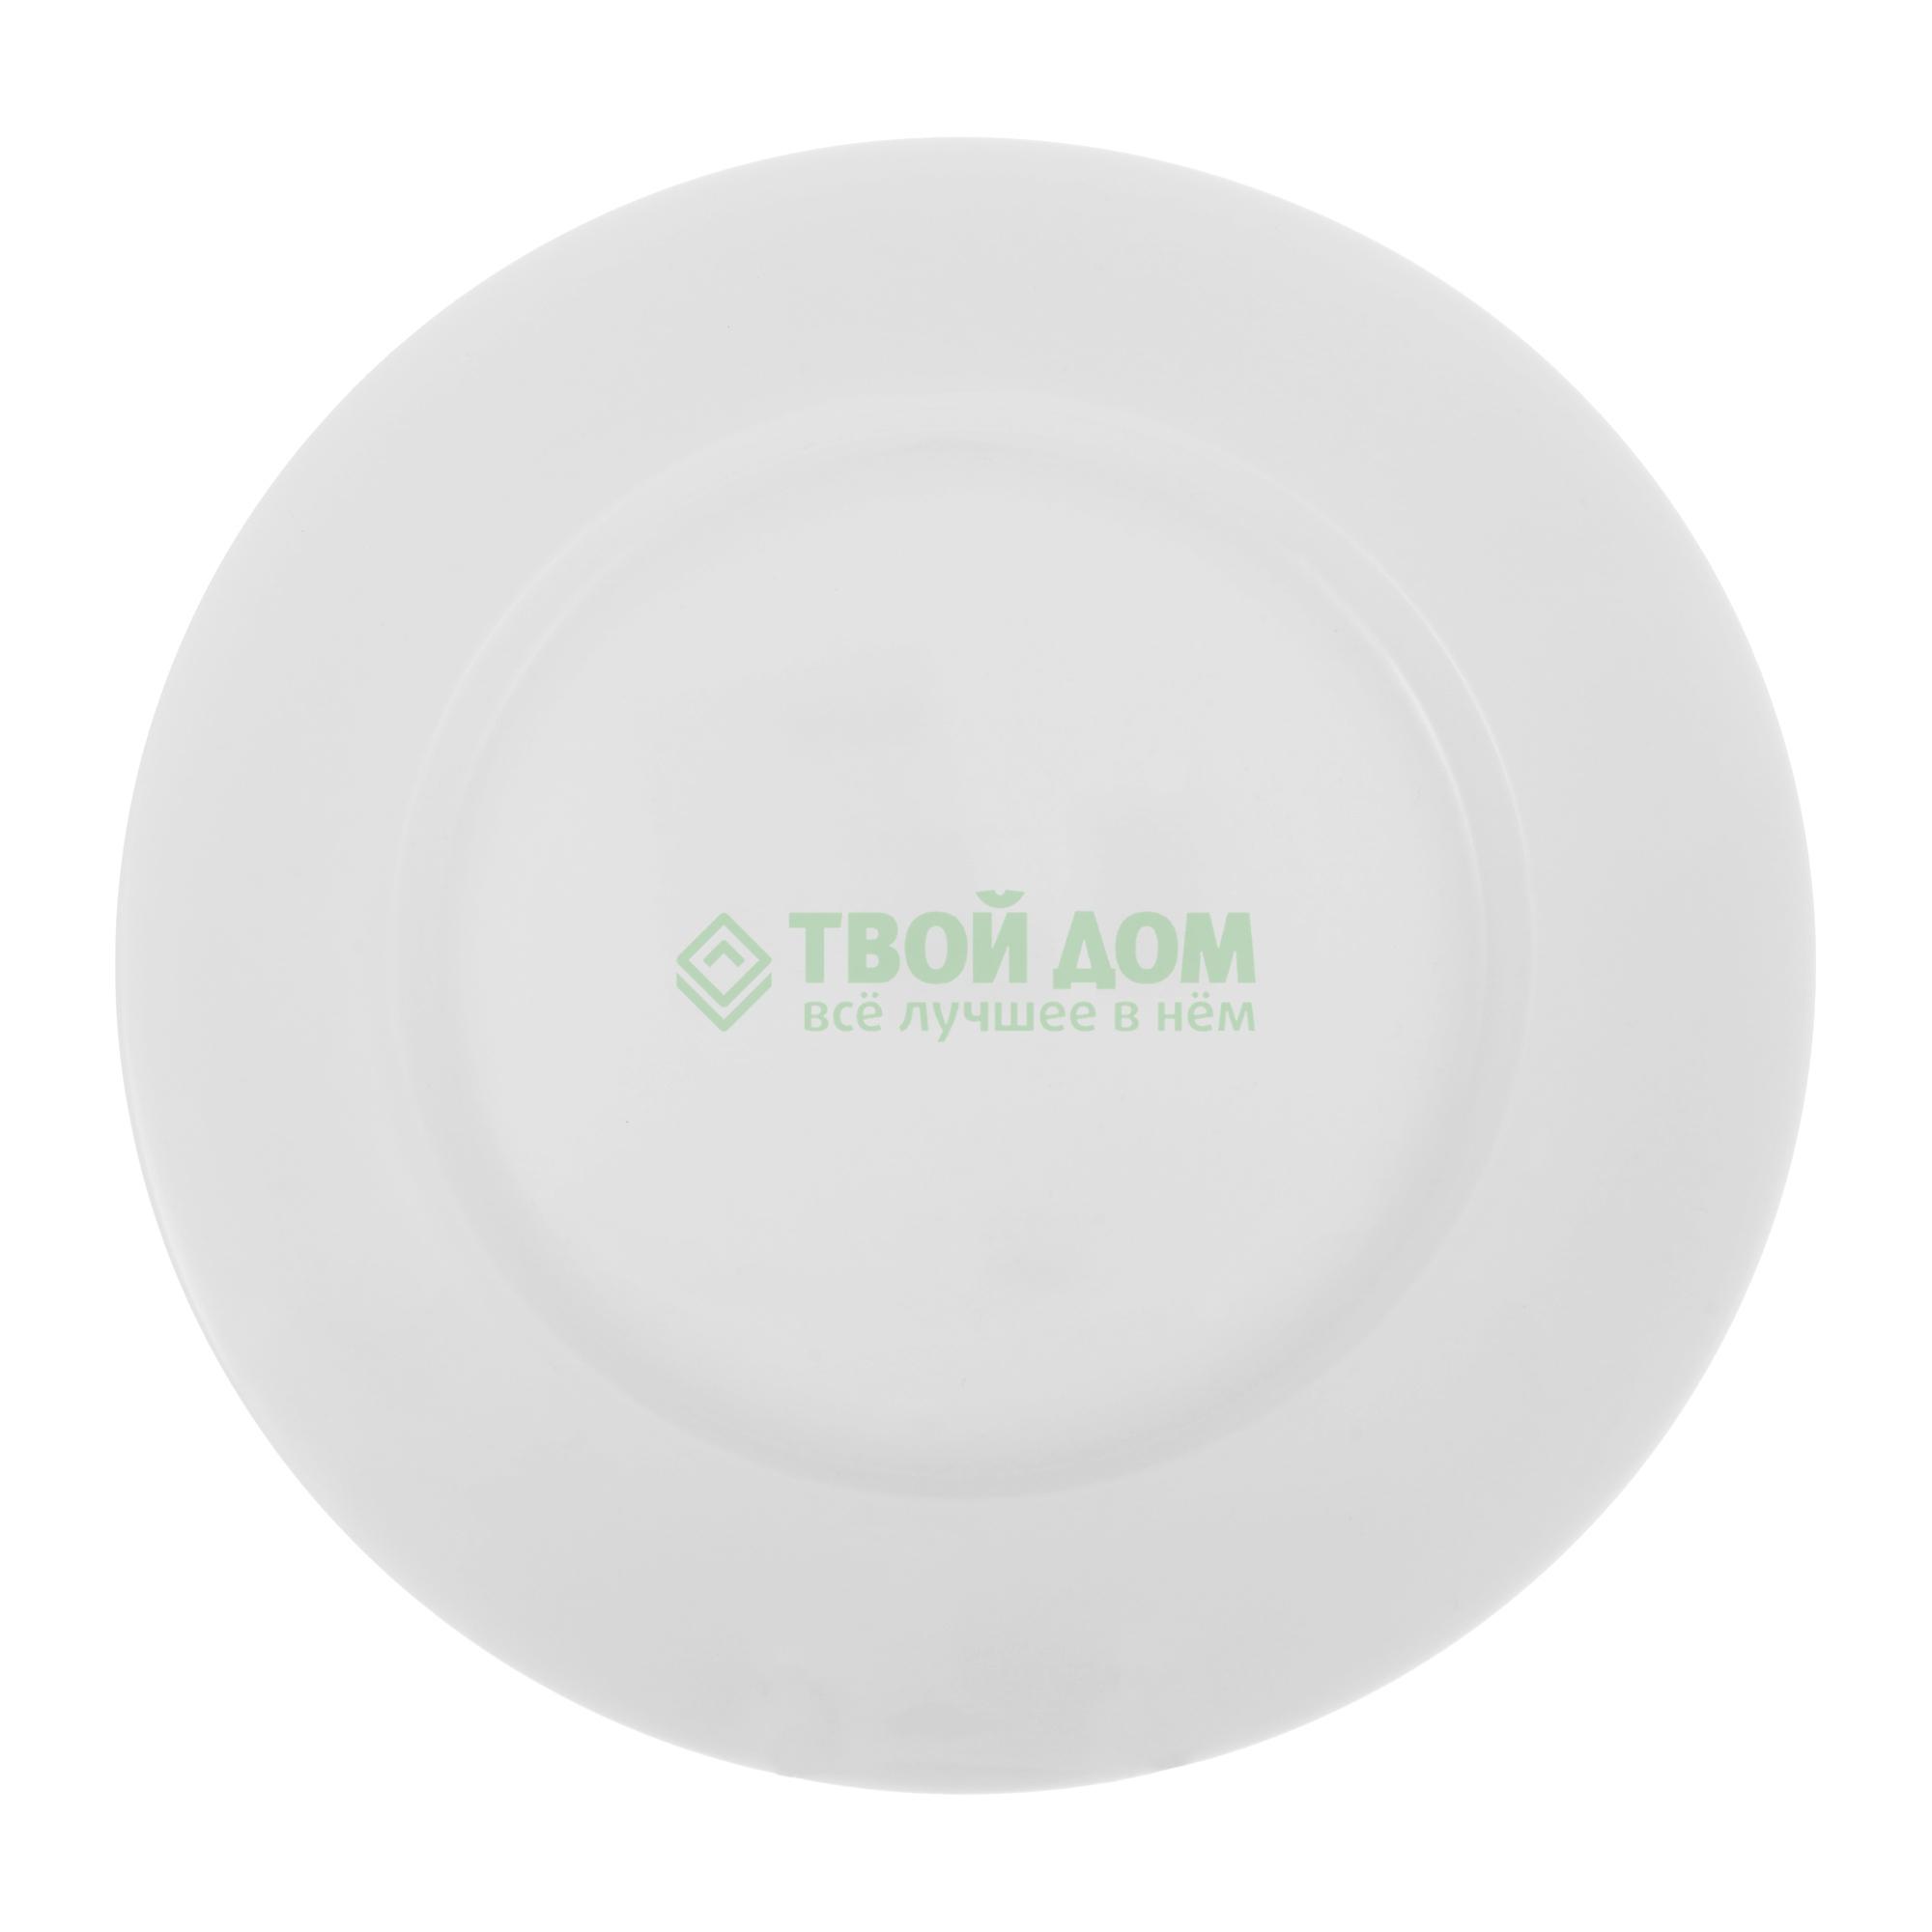 Фото - Тарелка Asa Selection A Table 28 см тарелка asa selection a table 25 см